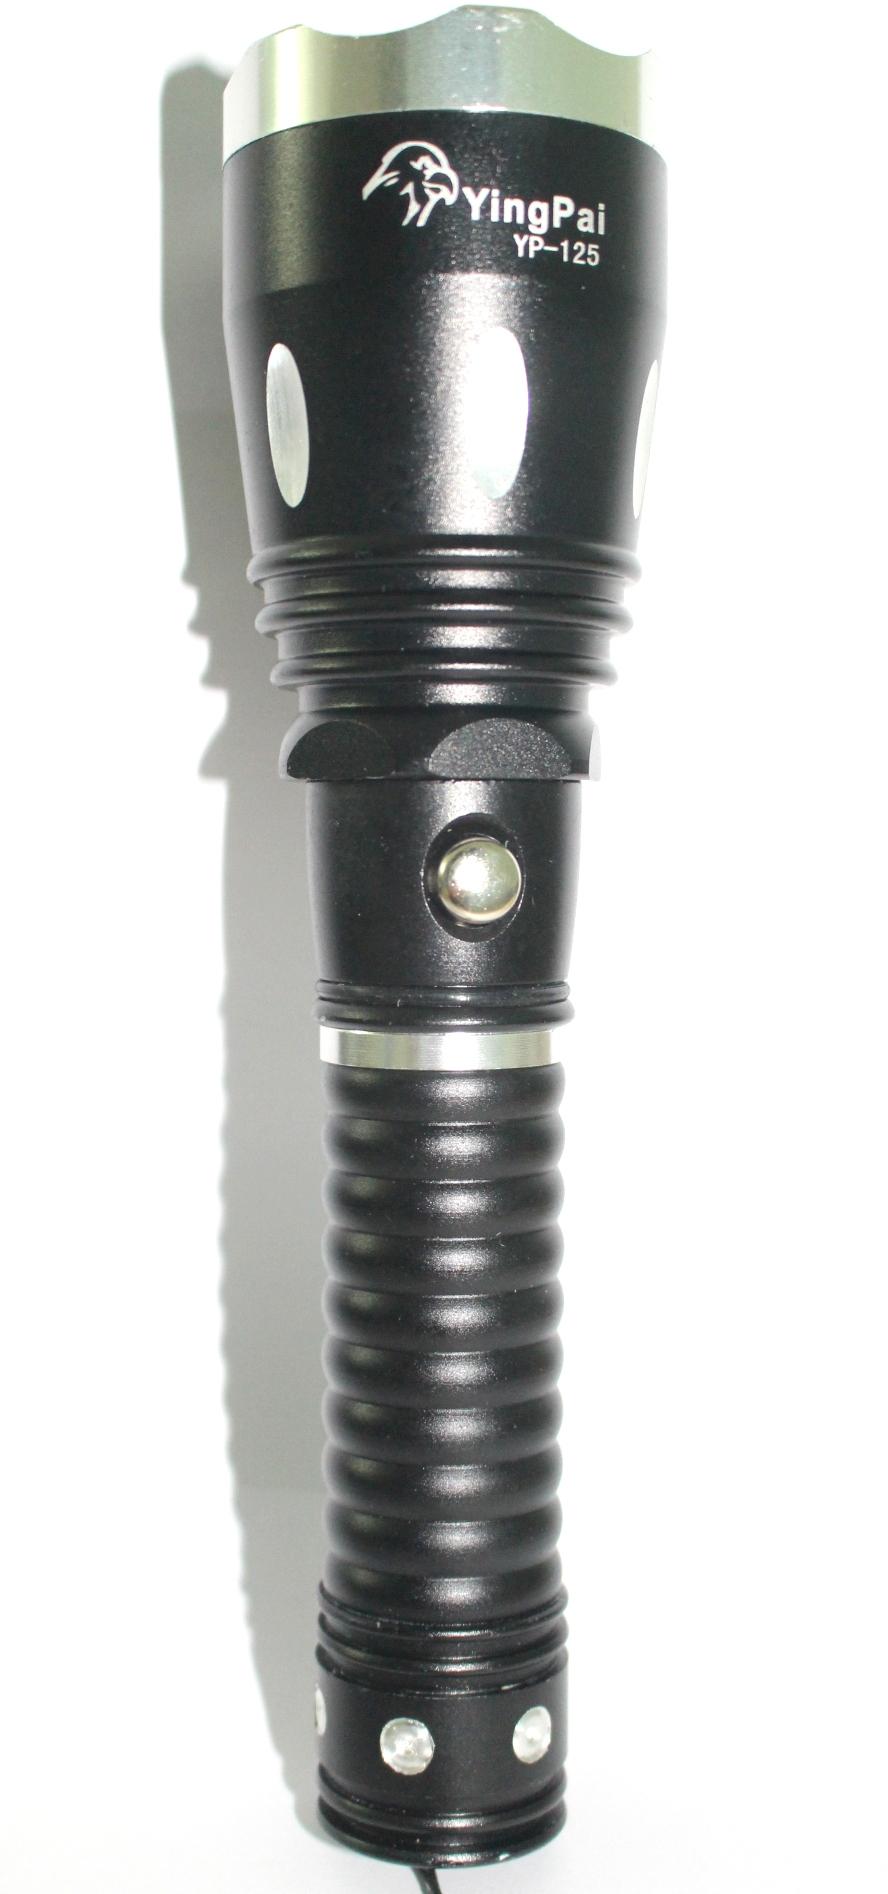 Đèn pin chiếu sáng YP-125